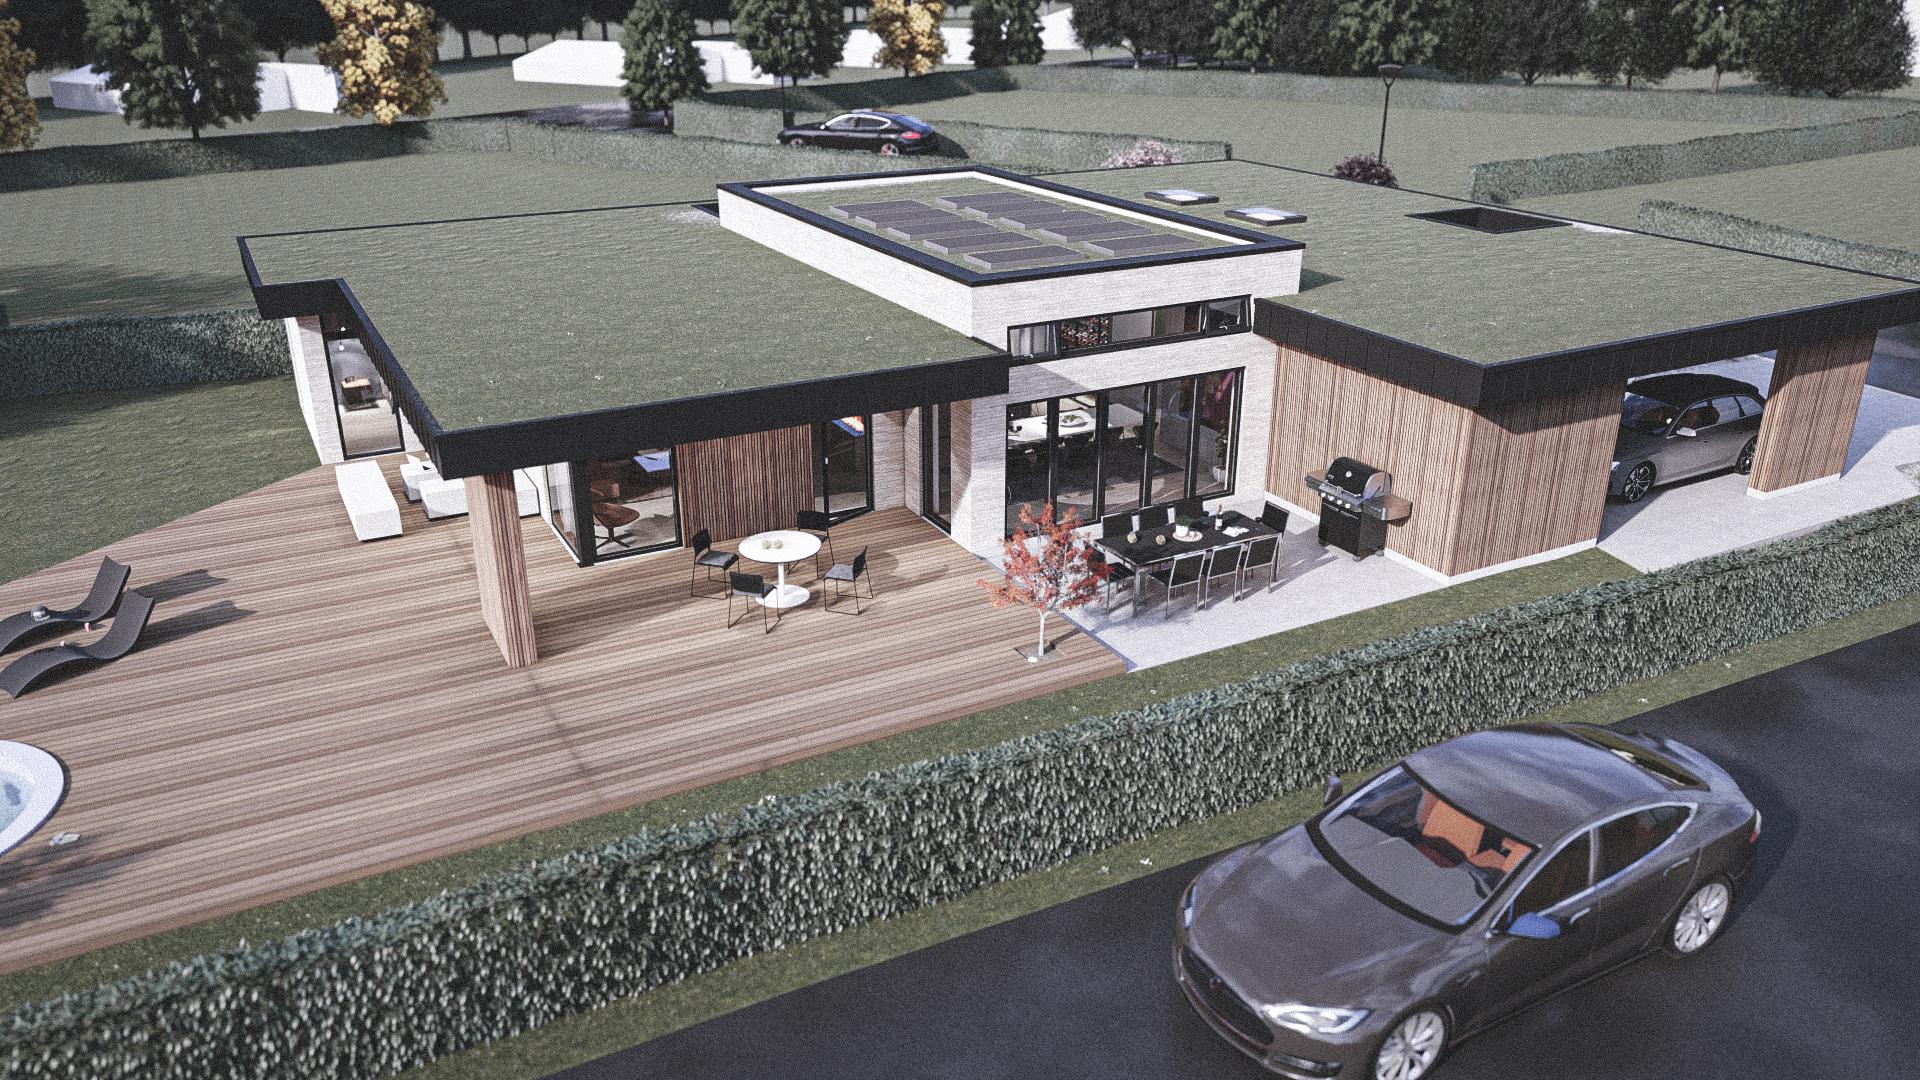 Billede af Dansk arkitekttegnet 1 plan villa af arkitektfirmaet m2plus, i Hornbæk på 210 kvartratmeter.